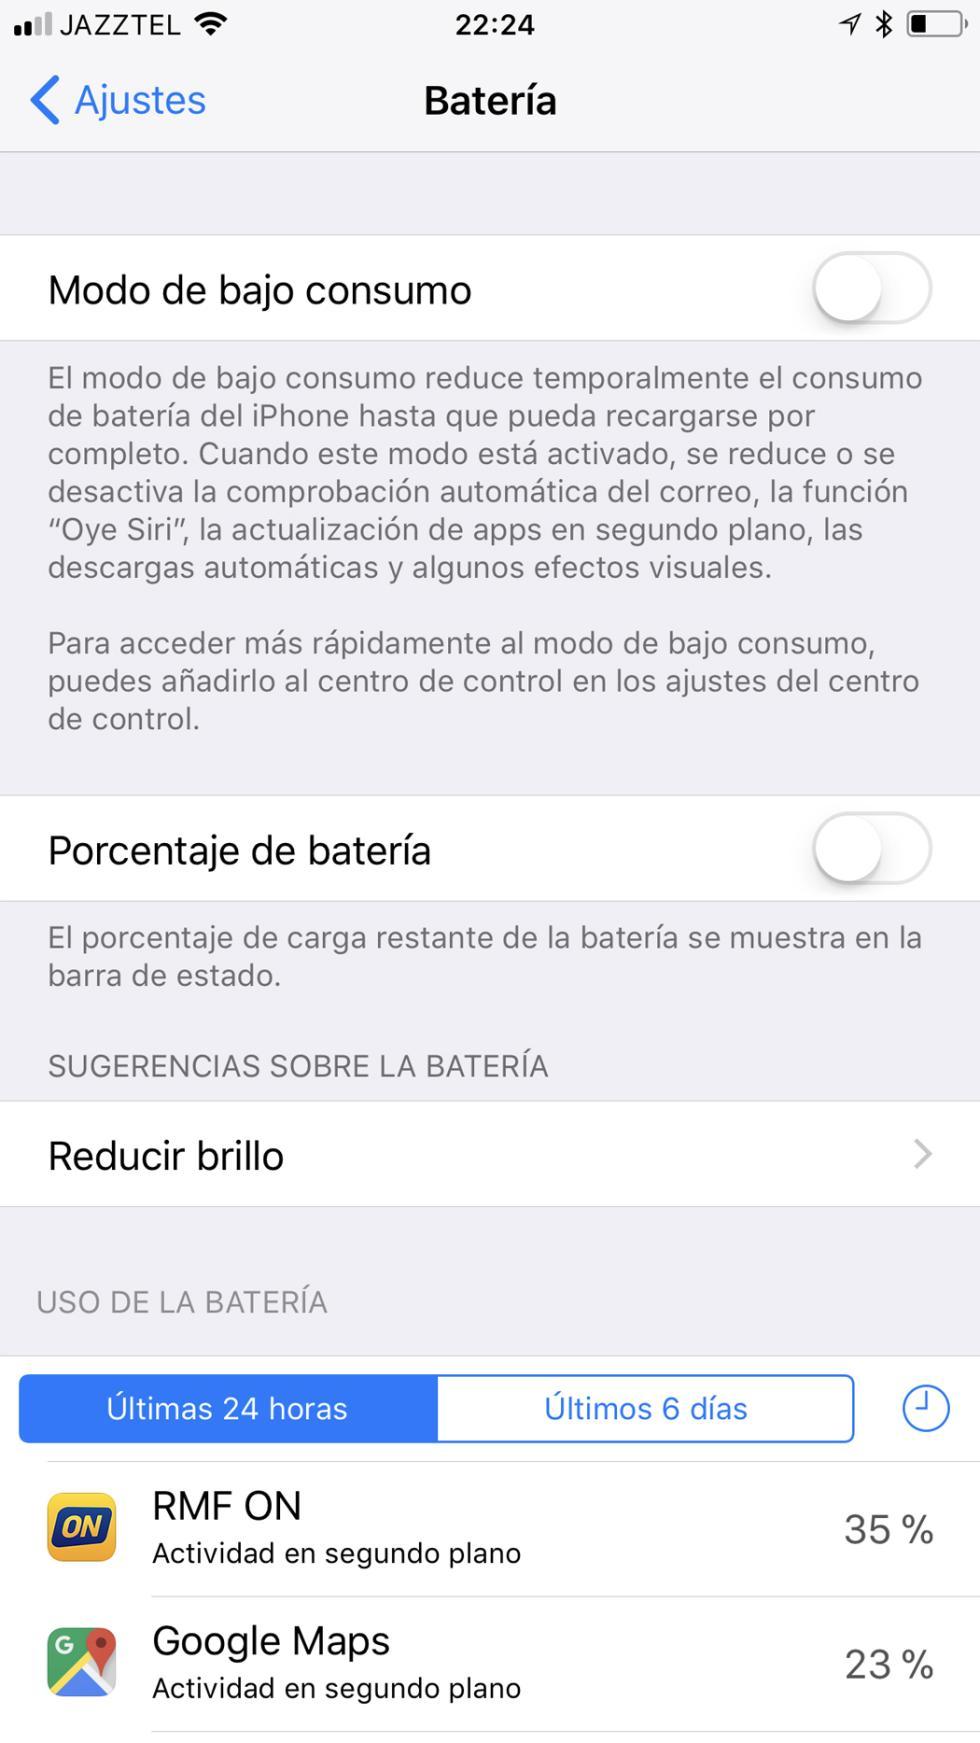 Batería del iPhone 8 Plus: consumo, autonomía y opciones de ahorro